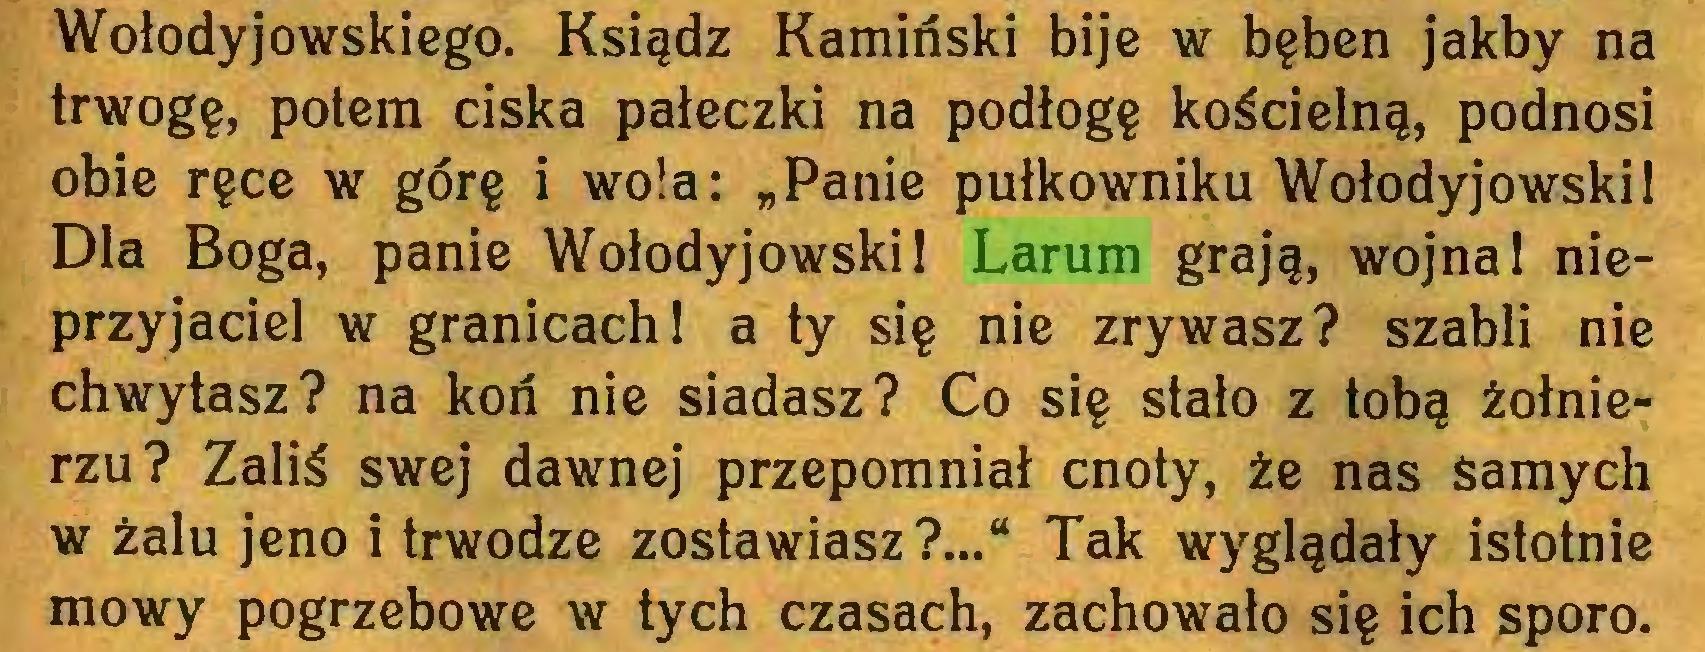 """(...) Wołodyjowskiego. Ksiądz Kamiński bije w bęben jakby na trwogę, potem ciska pałeczki na podłogę kościelną, podnosi obie ręce w górę i wola: """"Panie pułkowniku WołodyjowskiI Dla Boga, panie Wołodyjowski 1 Larum grają, wojna 1 nieprzyjaciel w granicach 1 a ty się nie zrywasz? szabli nie chwytasz? na koń nie siadasz? Co się stało z tobą żołnierzu? Zaliś swej dawnej przepomniał cnoty, że nas Samych w żalu jeno i trwodze zostawiasz?..."""" Tak wyglądały istotnie mowy pogrzebowe w tych czasach, zachowało się ich sporo..."""